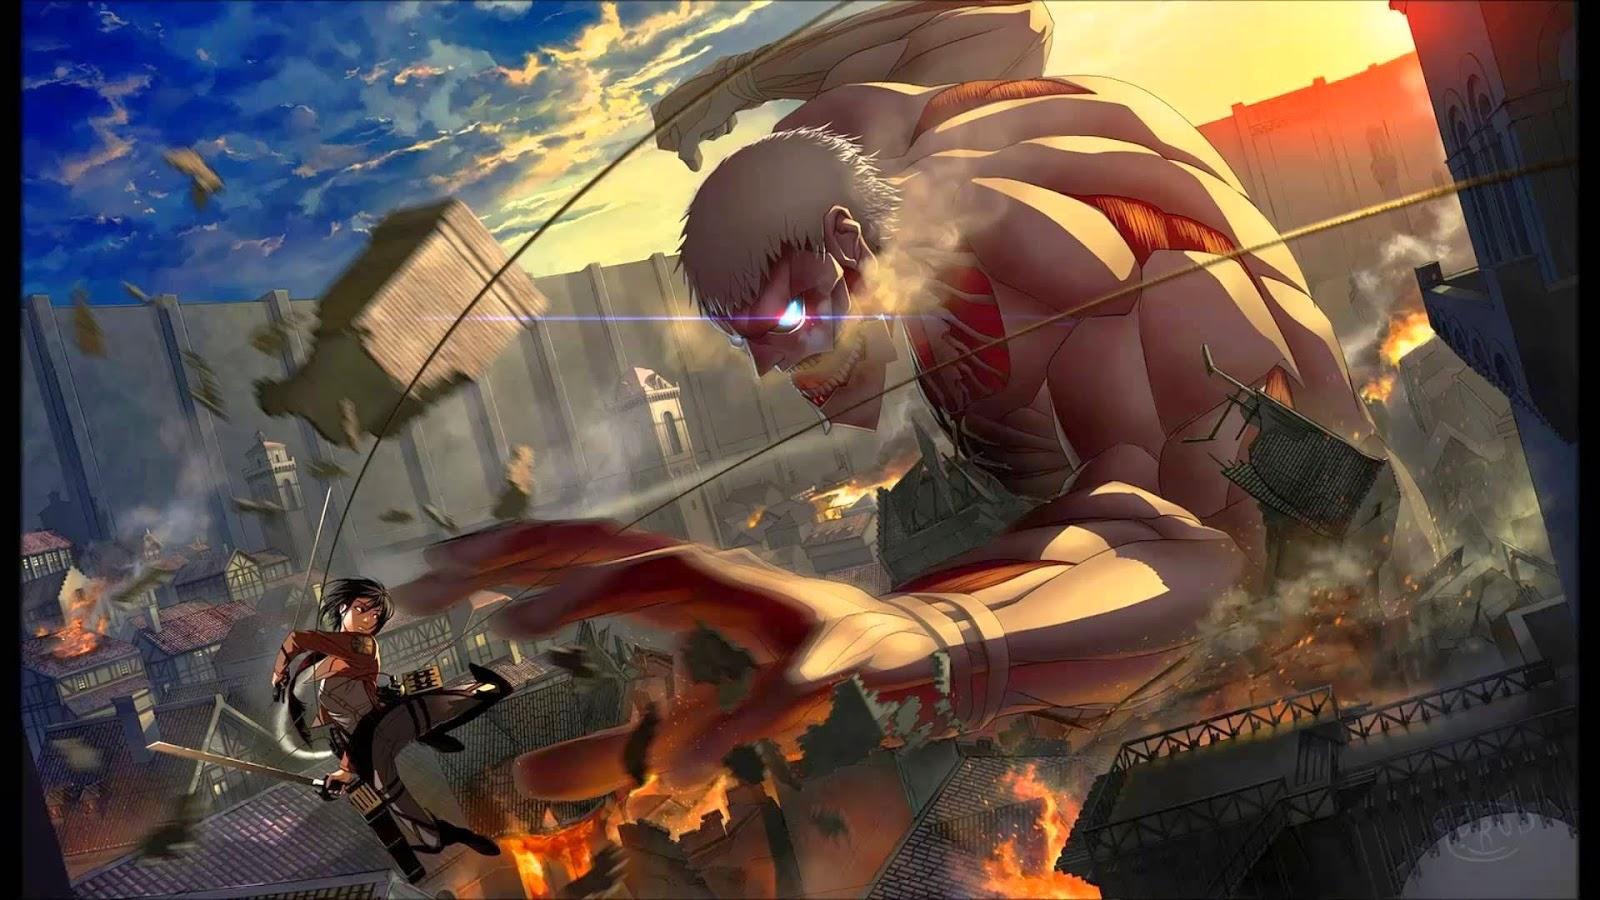 Gambar Attack on Titan